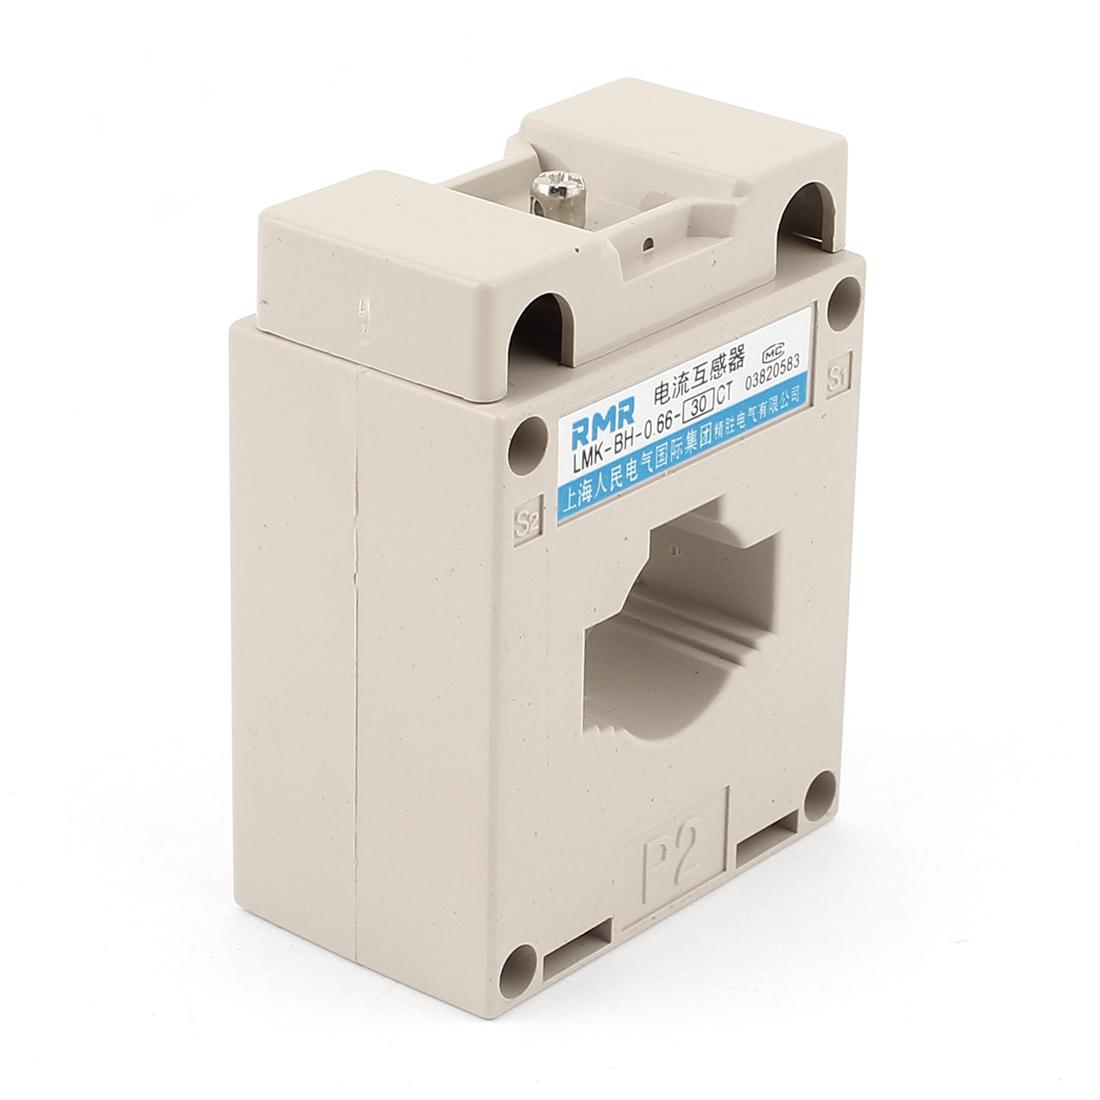 30A/5A 1T CT Current Transformer Sensor for AC Amperemeter Gauge